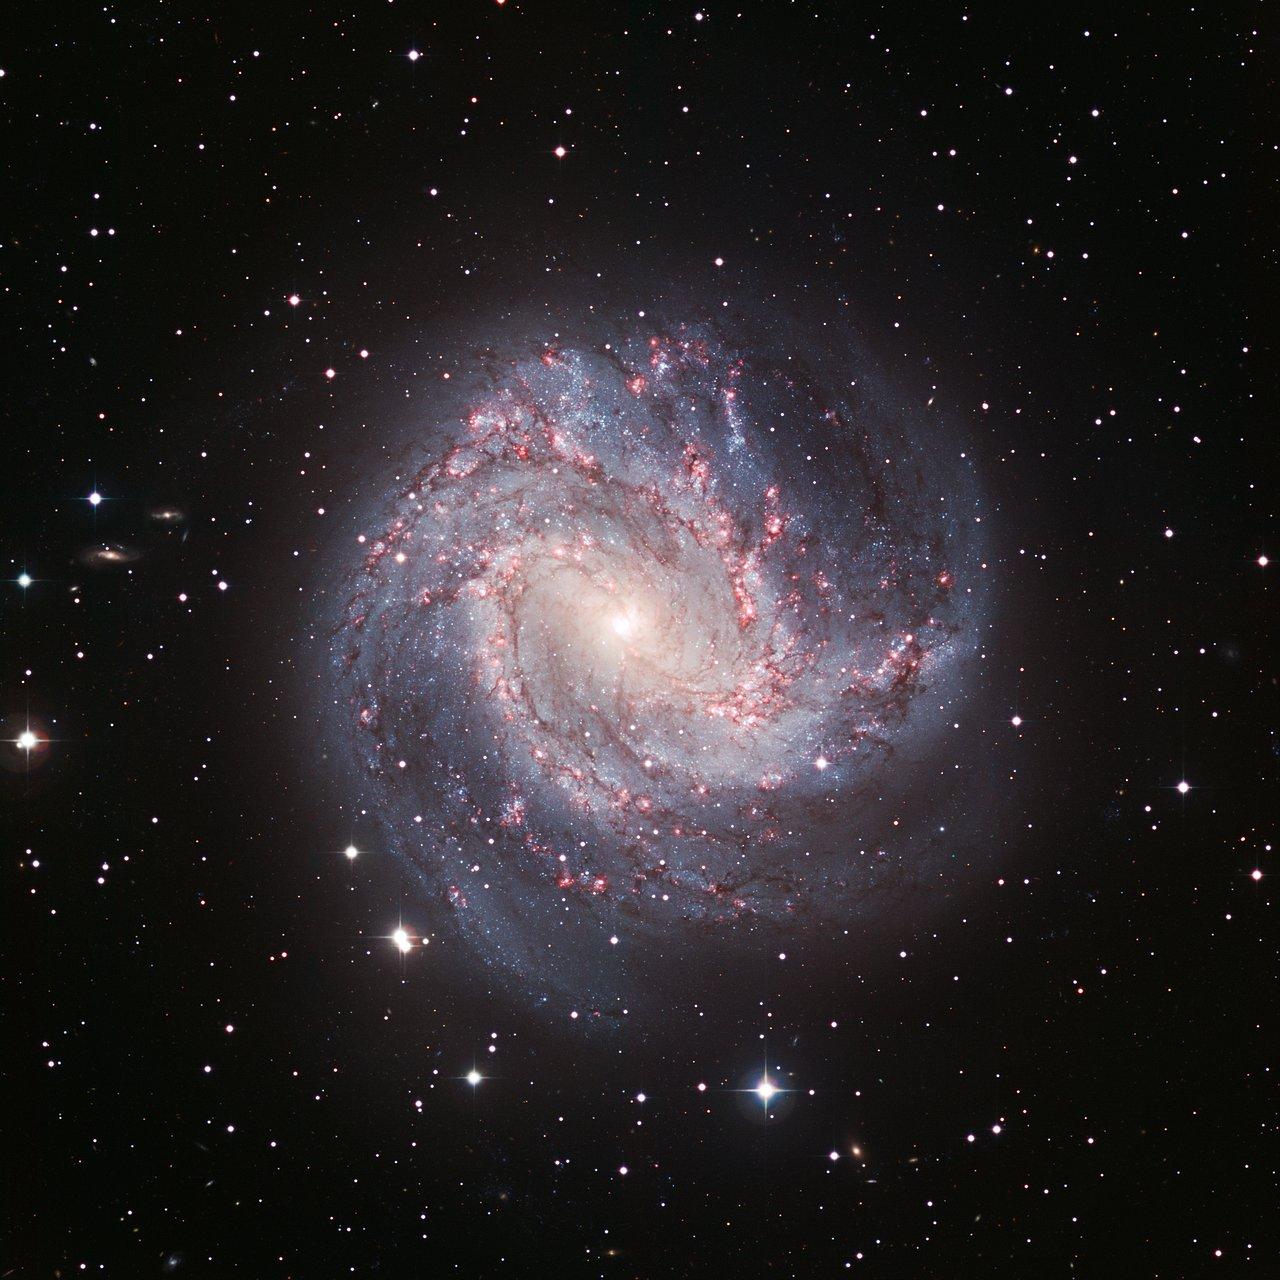 Spiral Galaxy Messier 83*